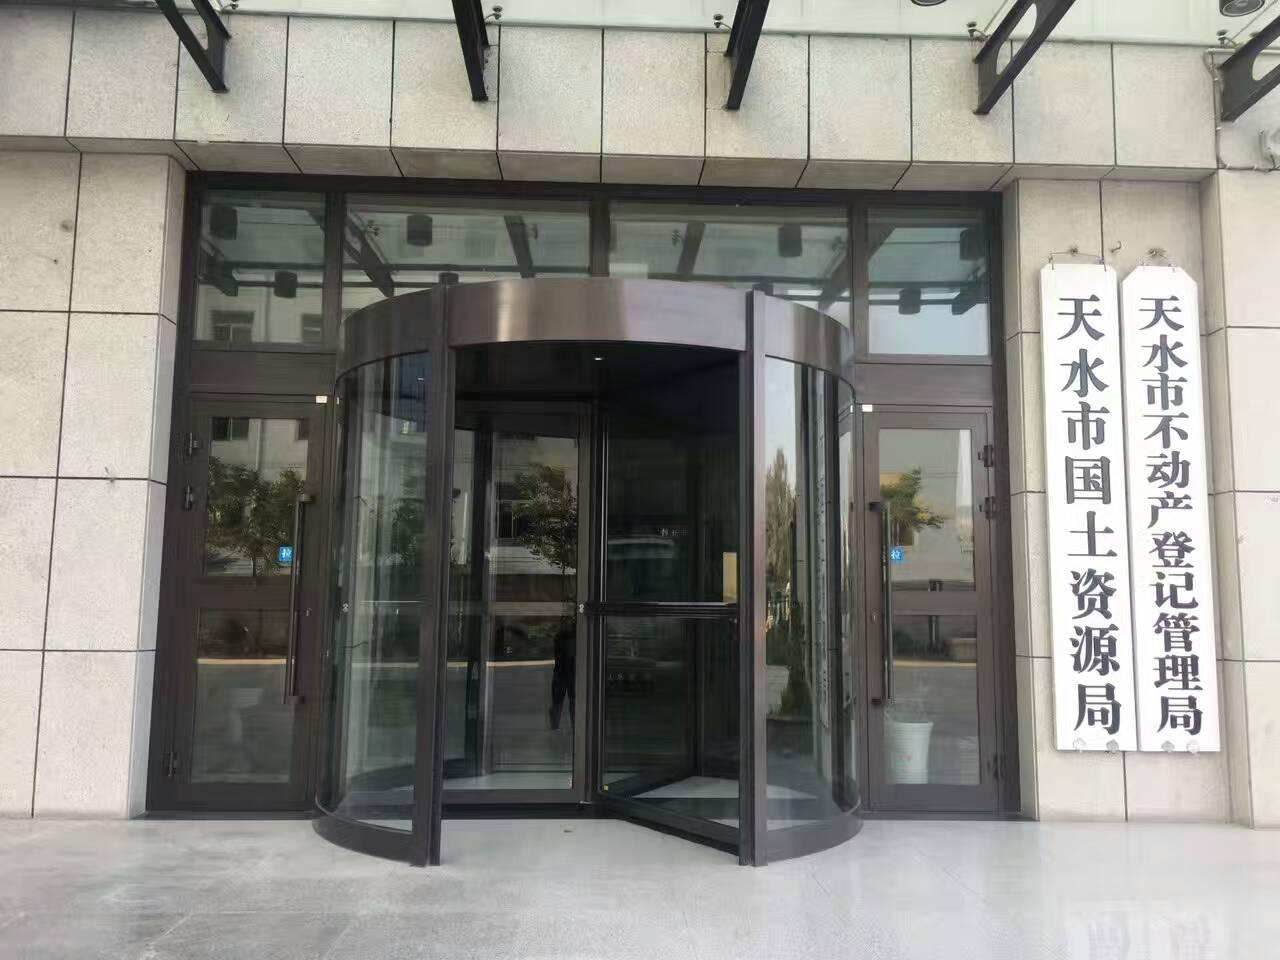 03-办公楼三翼旋转门